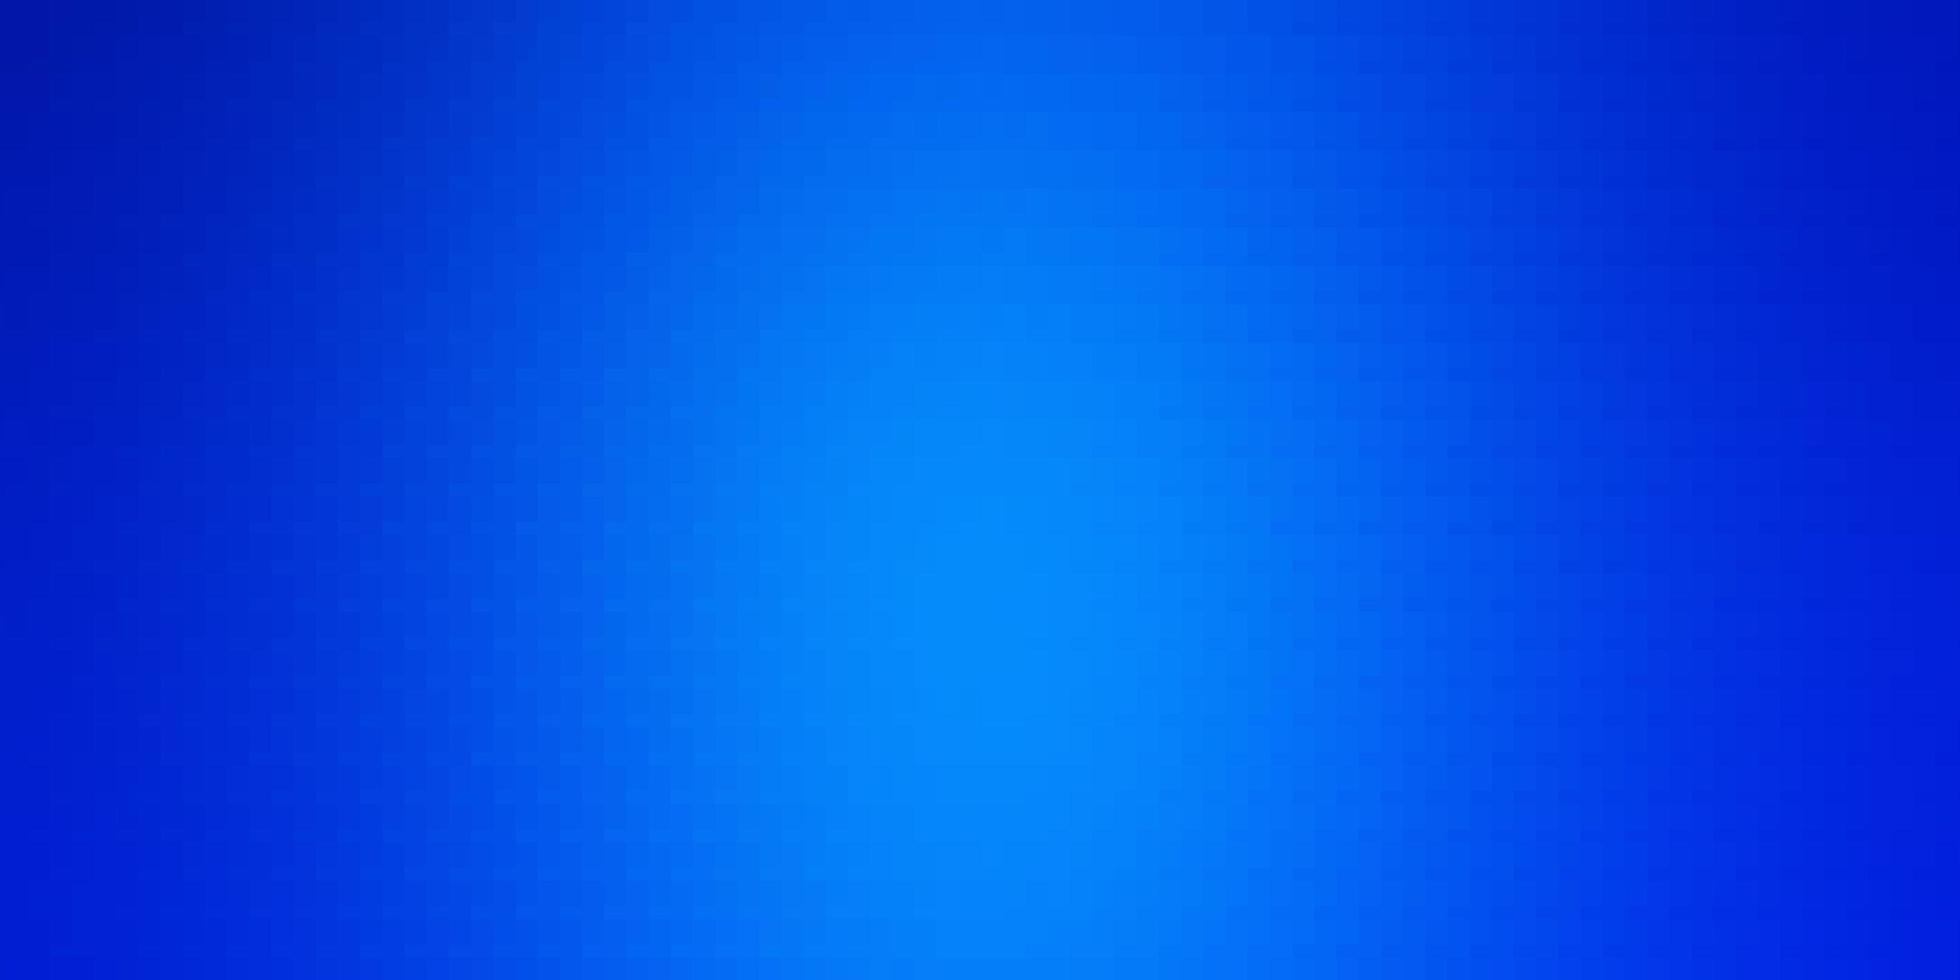 layout de vetor de azul claro com linhas, retângulos.